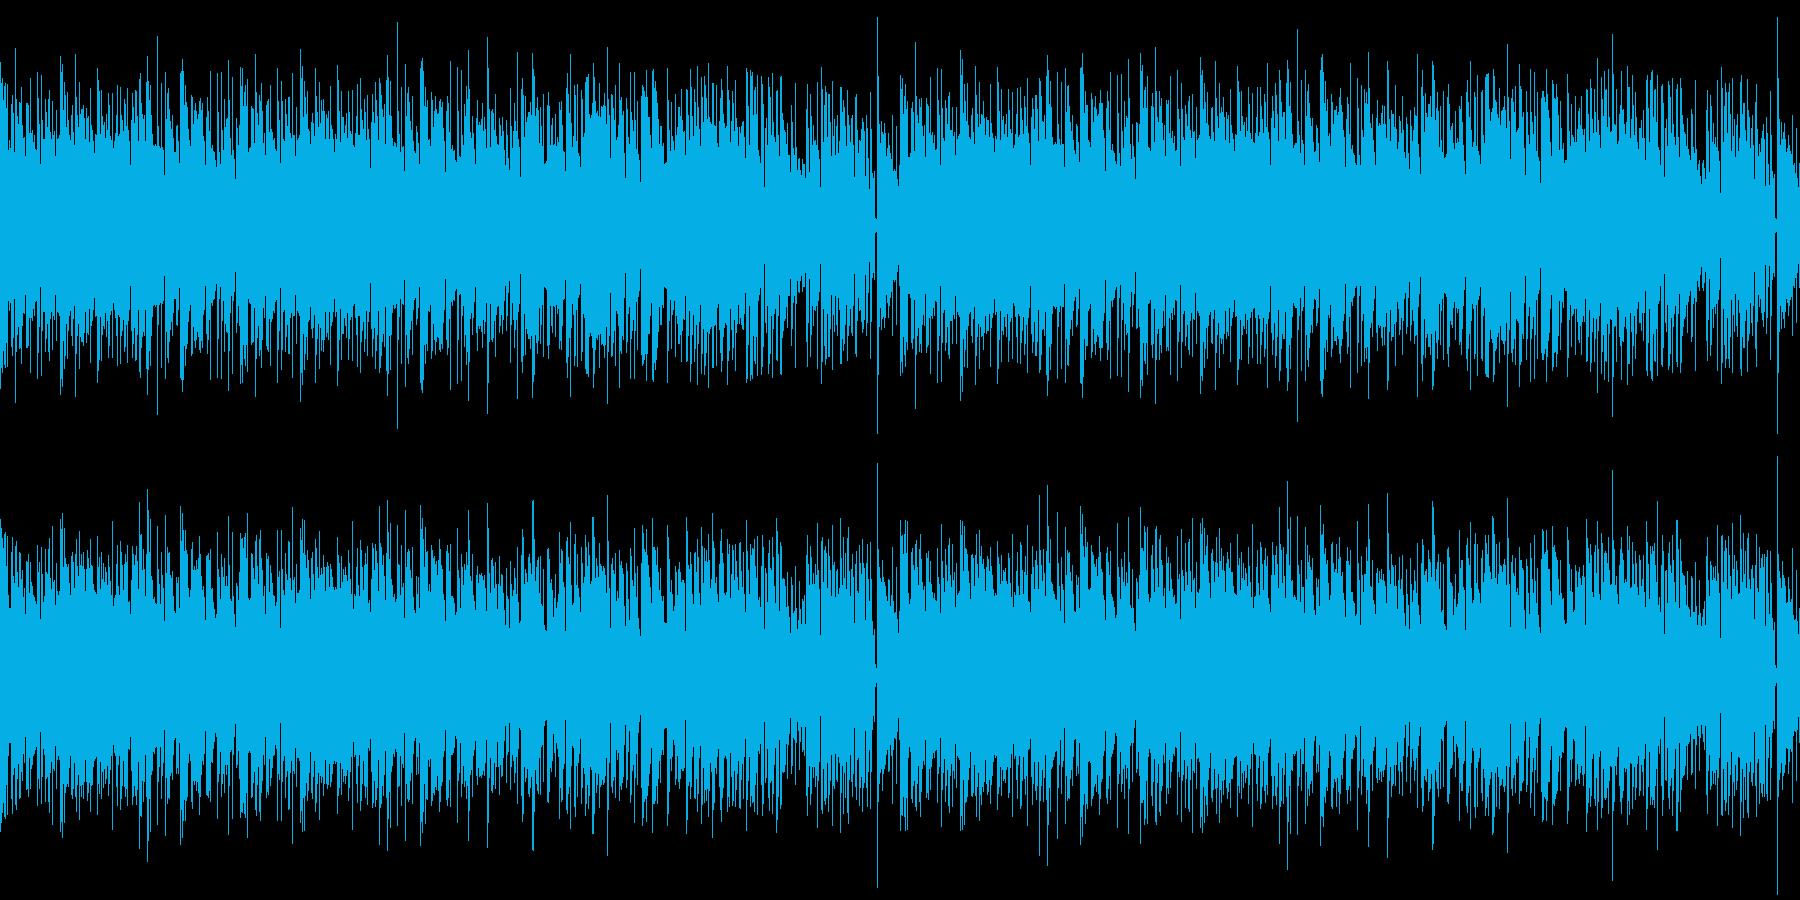 フルートが目立つゆったりボサノバBGMの再生済みの波形